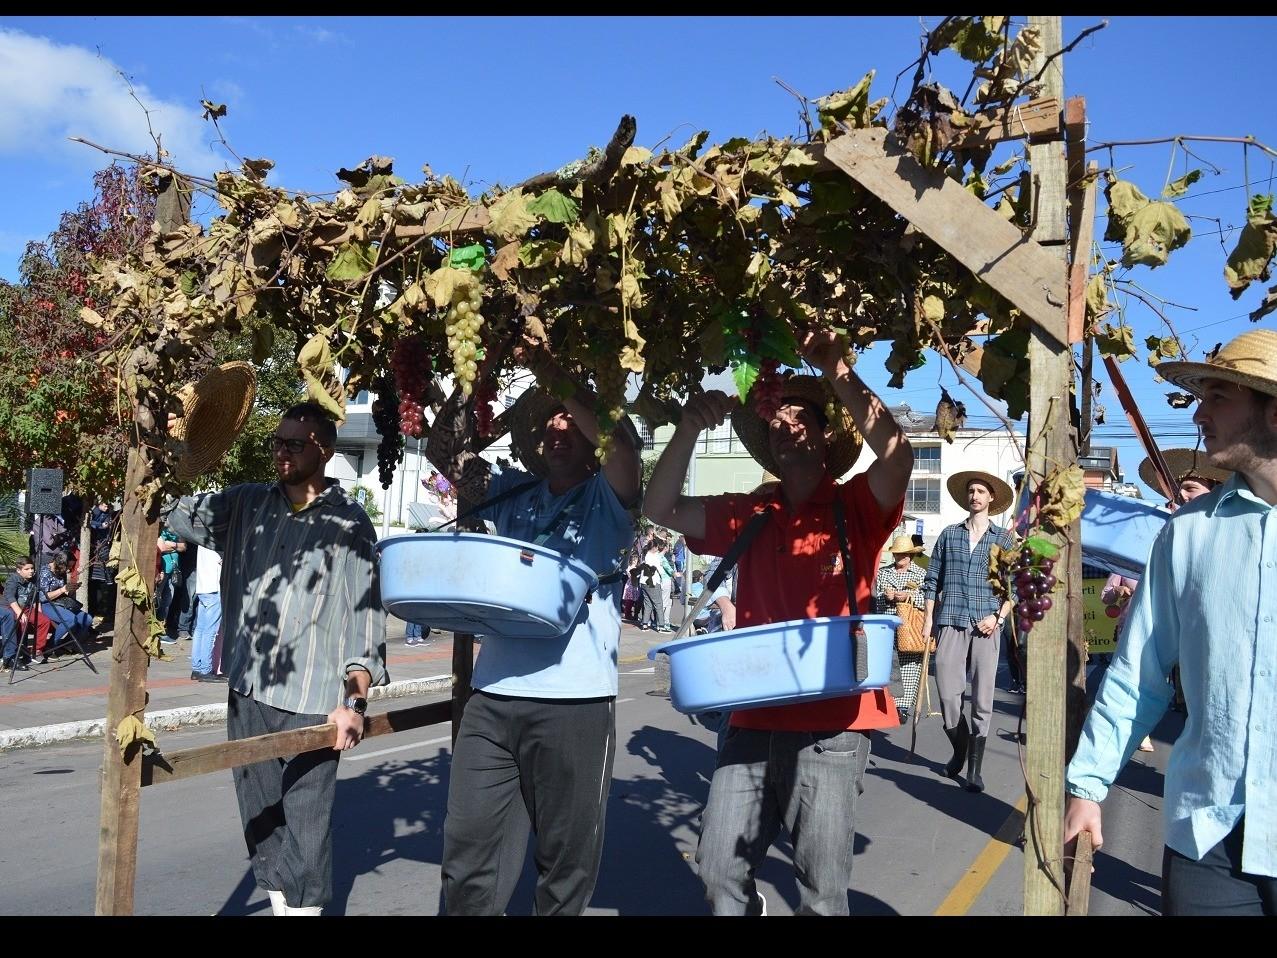 Foto Desfiles da FenaVindima 2020 ocorrem nos domingos em Flores da Cunha